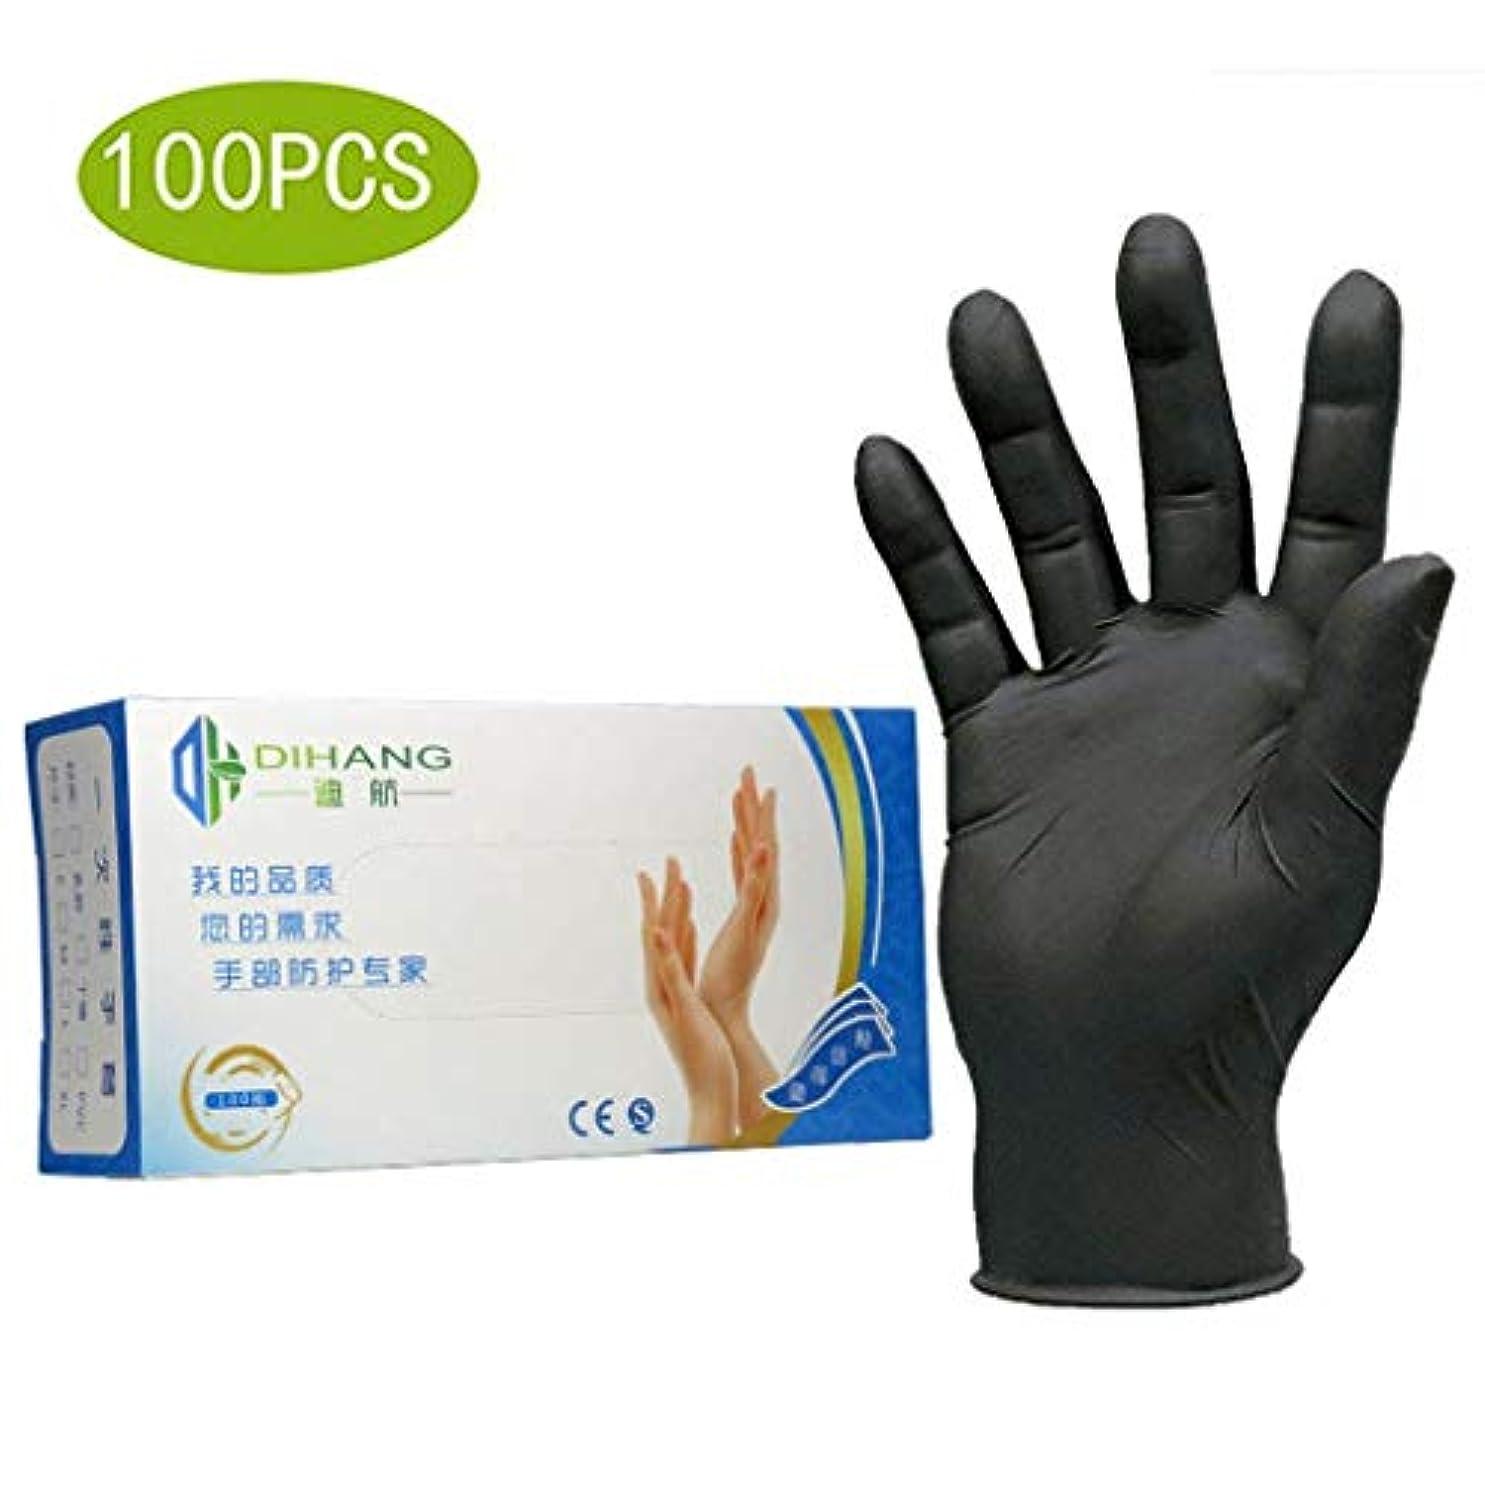 ナプキン置き場バレーボール100倍使い捨て手袋耐酸性および耐アルカリ性試験軽量安全フィットニトリル手袋中粉末フリーラテックスフリータトゥー理髪産業加工労働保険 (Size : M)